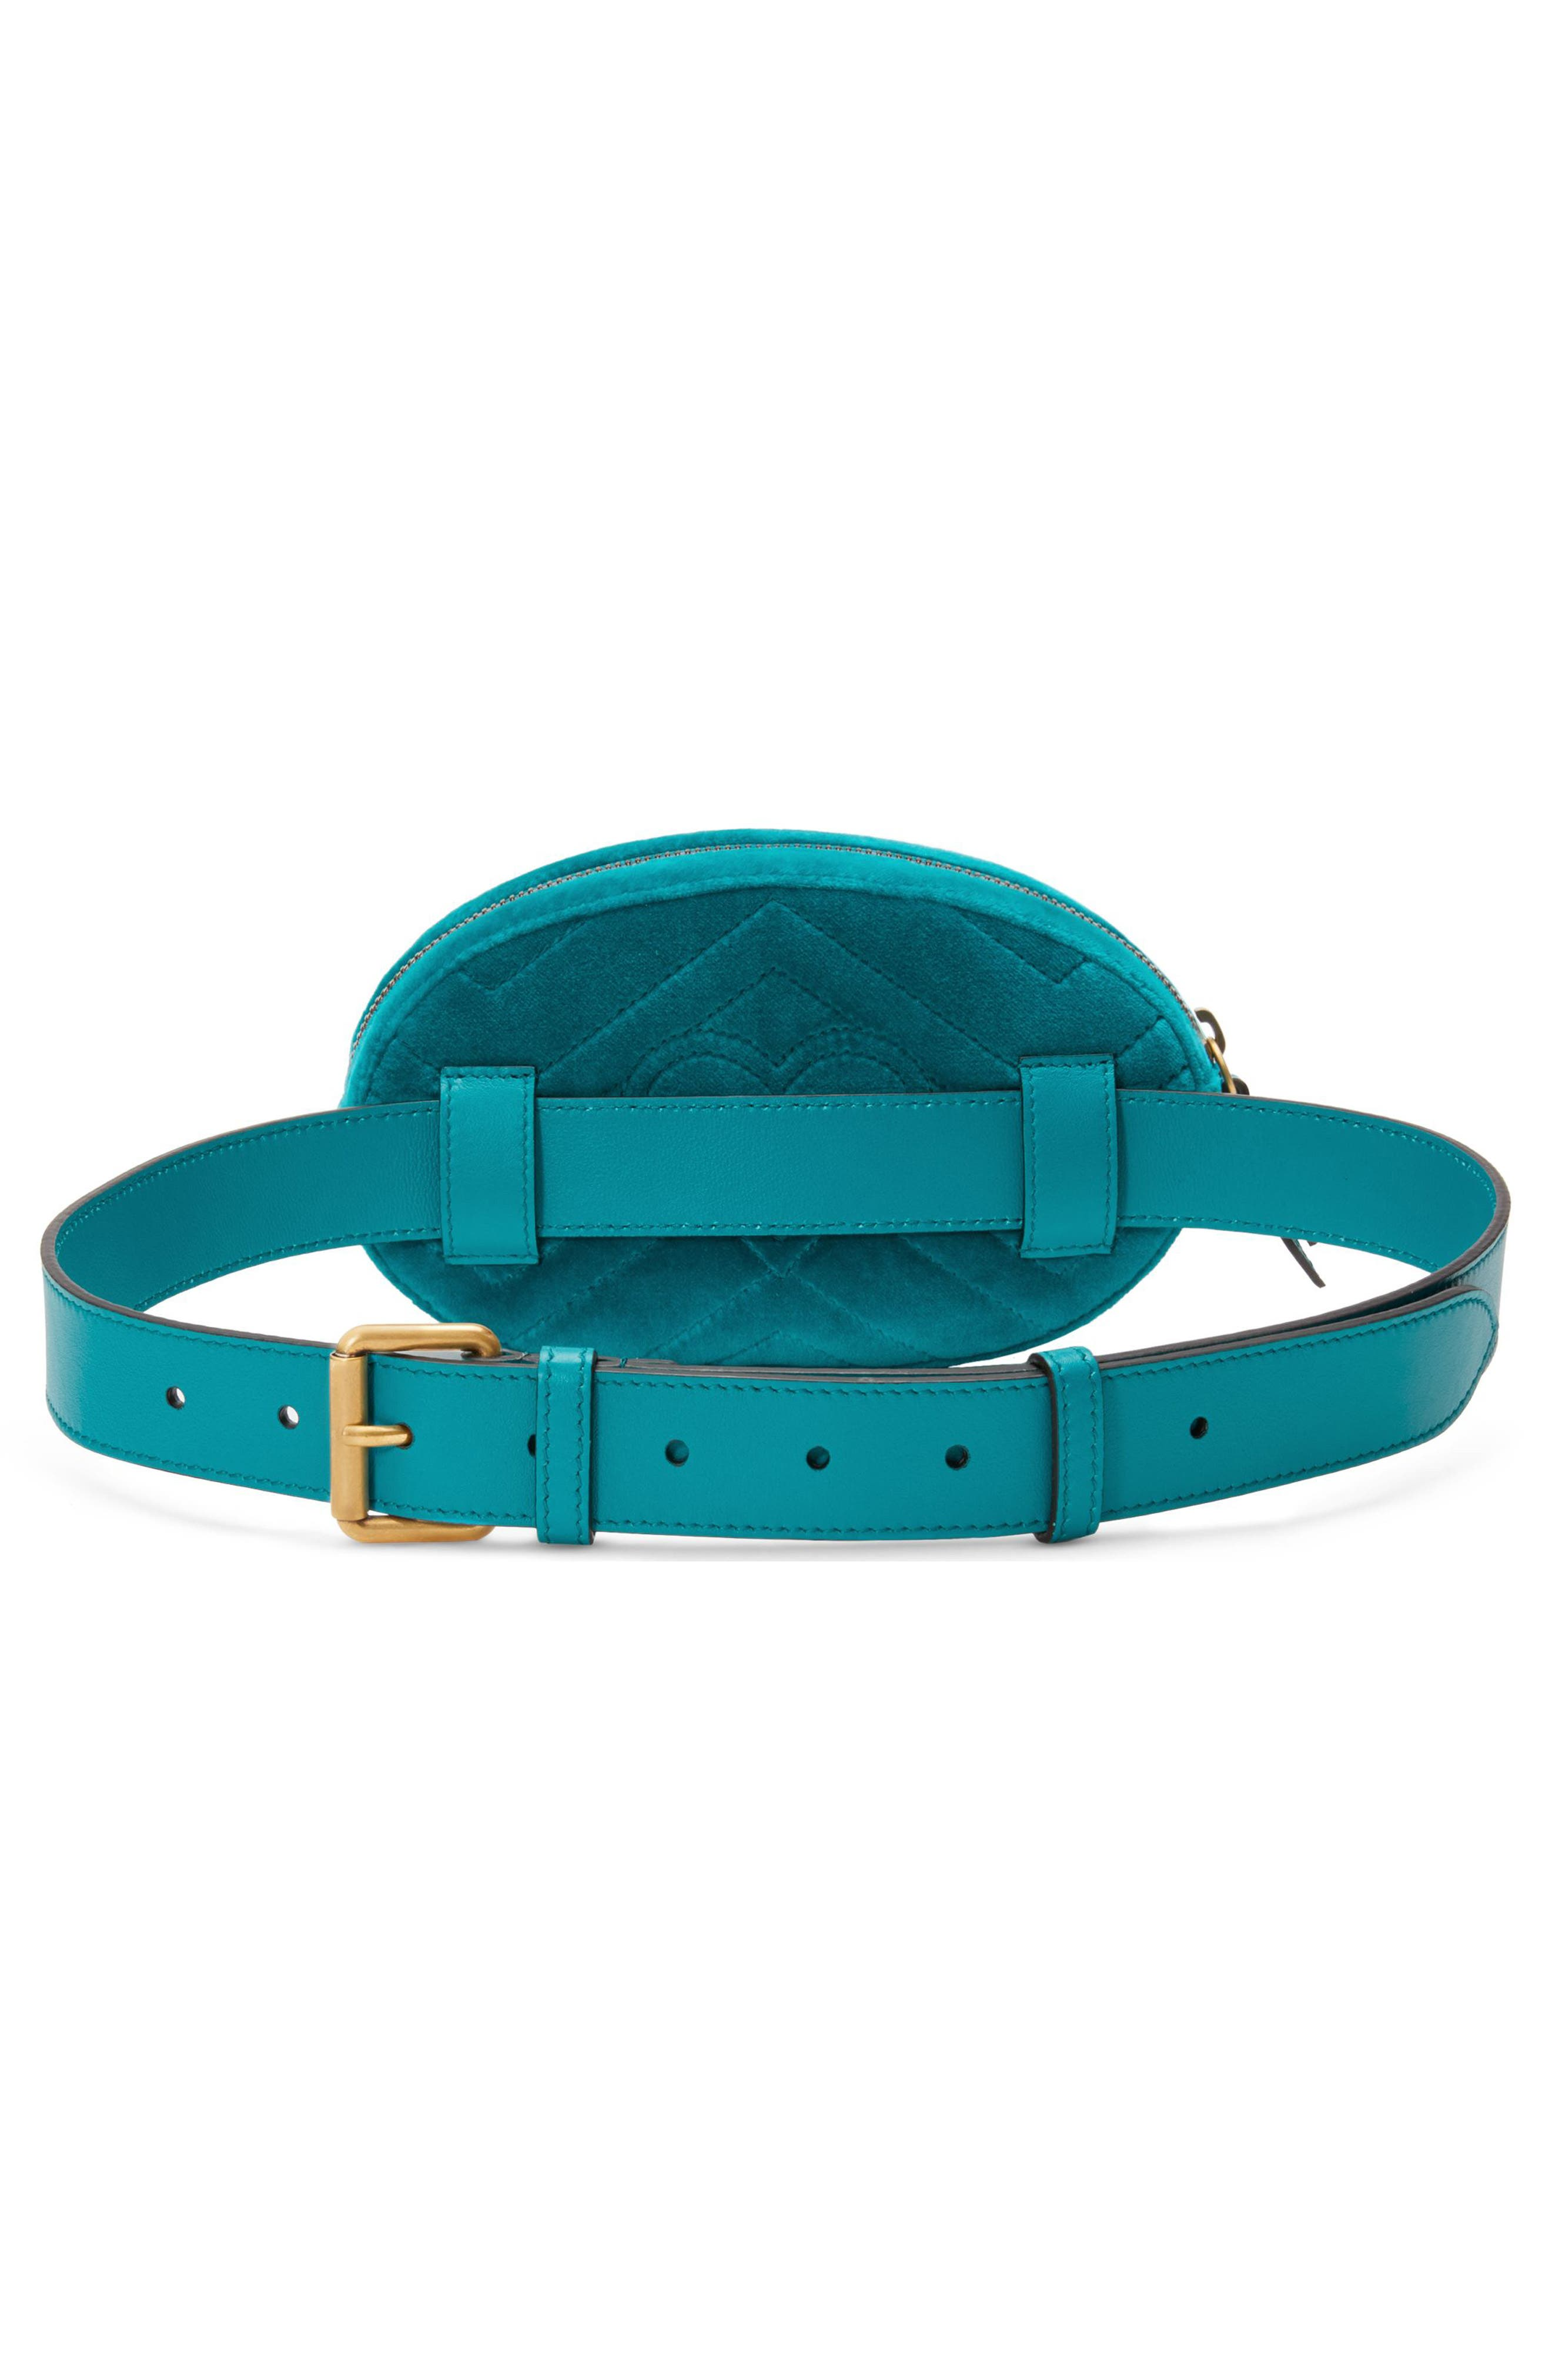 GG Marmont 2.0 Embroidered Velvet Belt Bag,                             Alternate thumbnail 2, color,